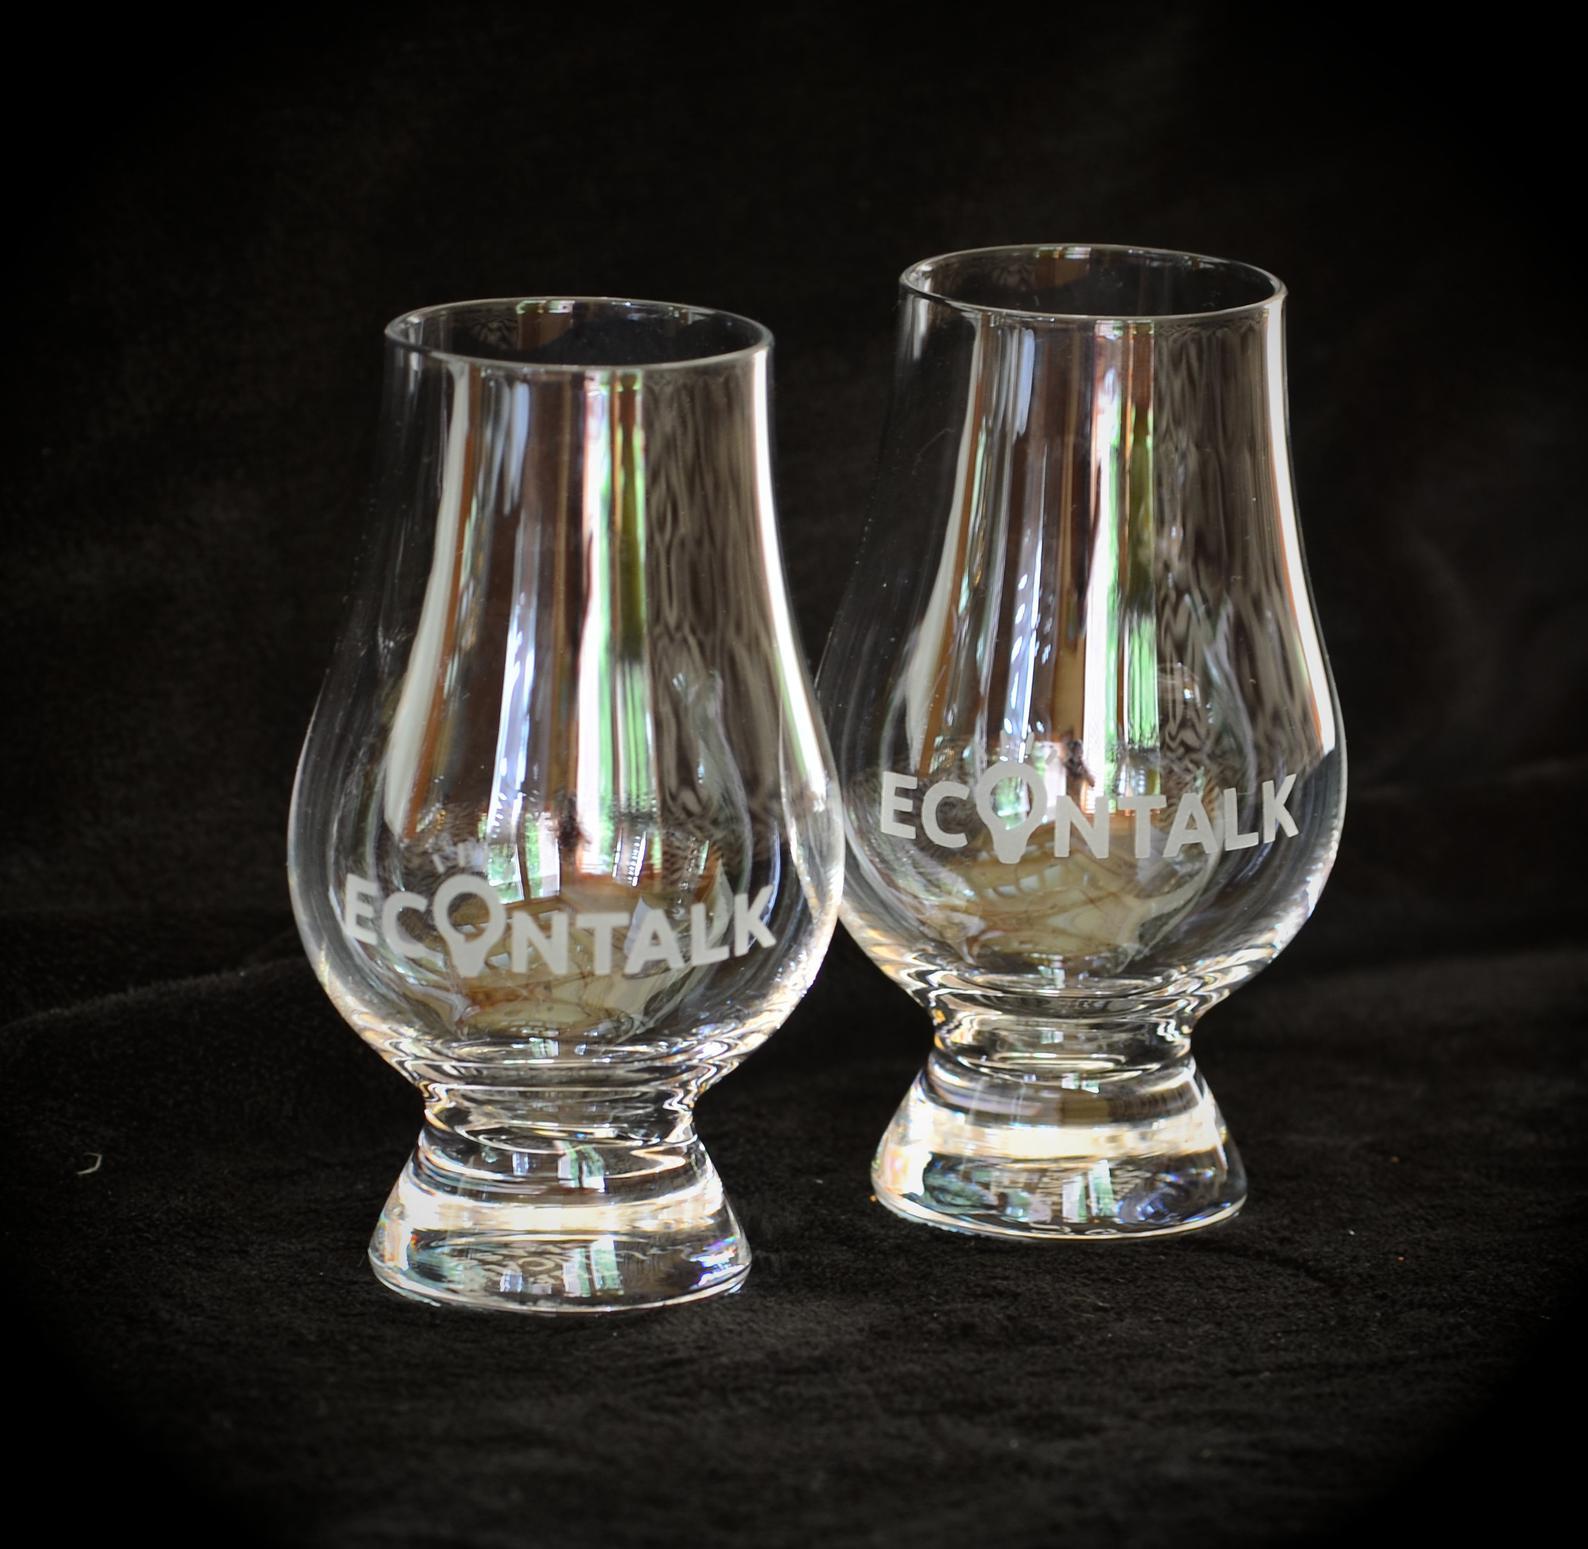 EconTalk Glencairn Glasses